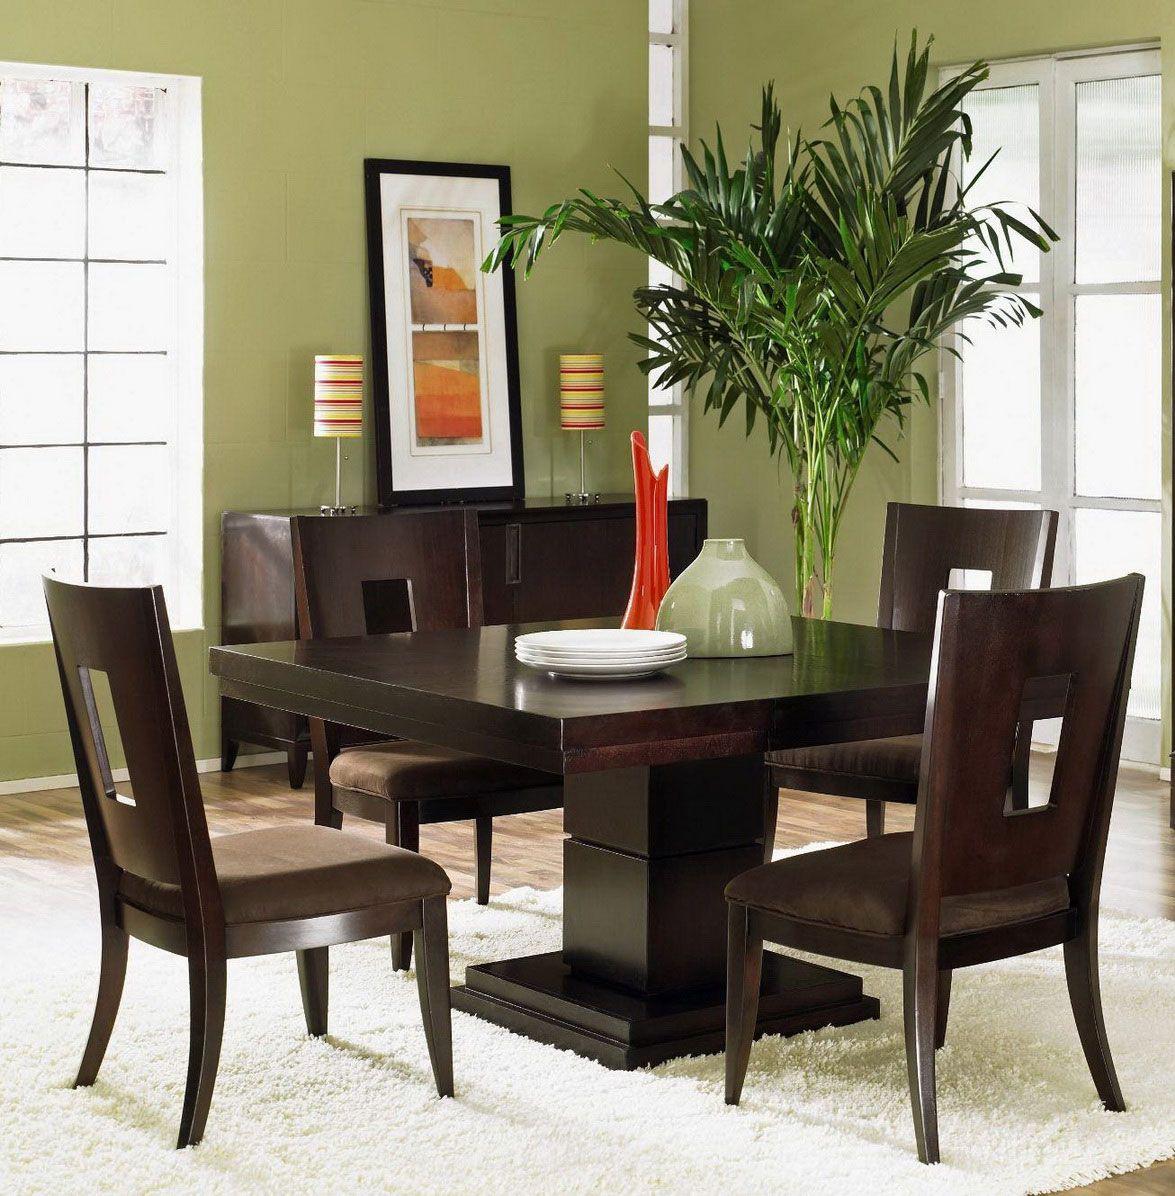 Modest Dining Room Ideas   Interiorima.Com   Dining room furniture ...